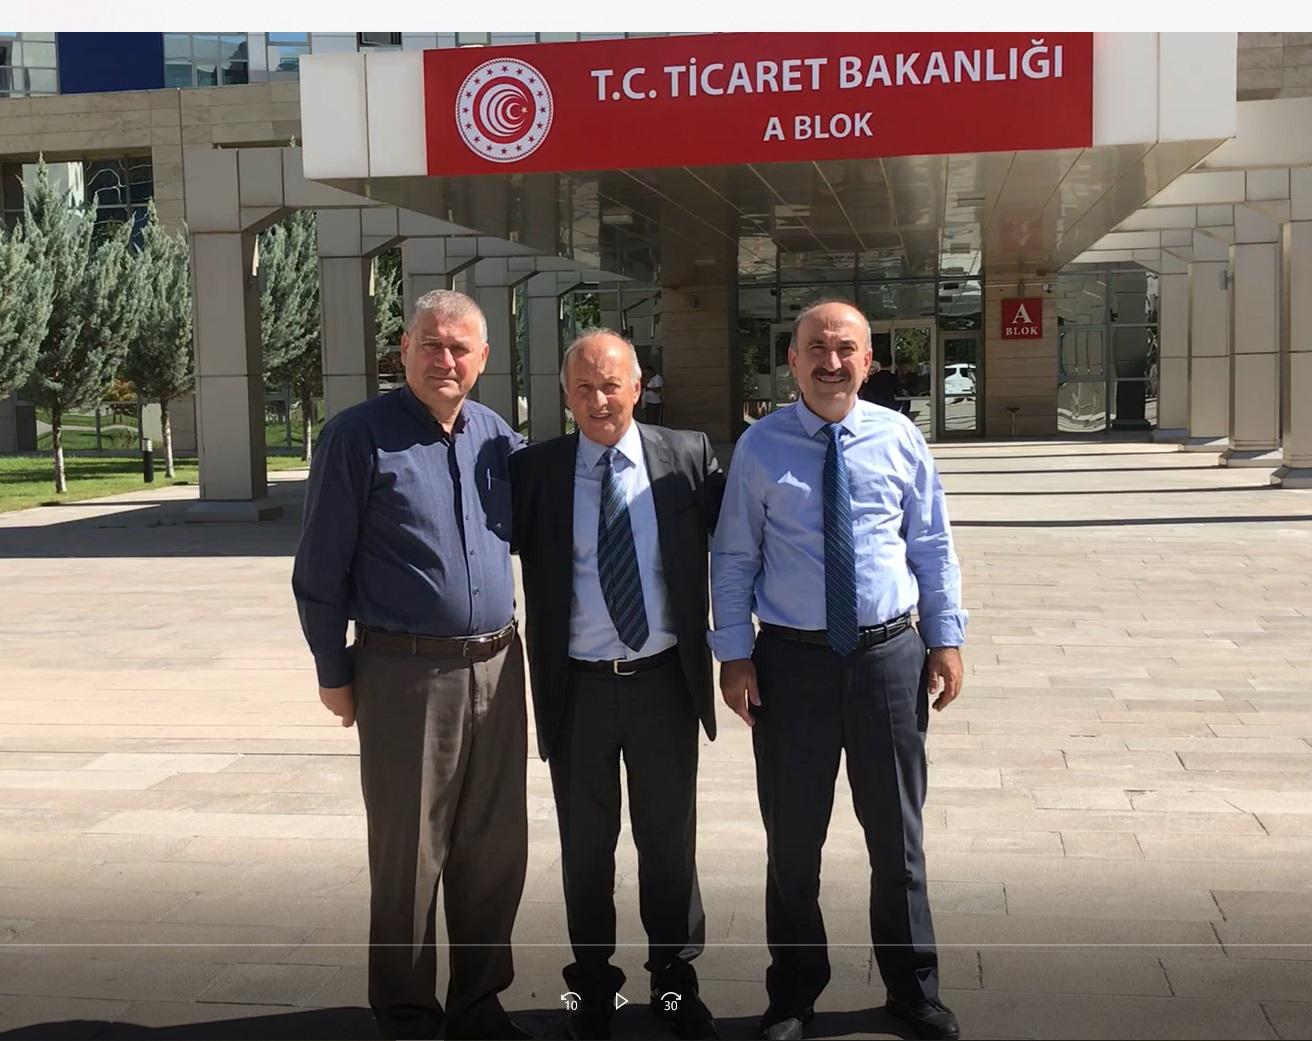 AOÇ Müdür Yardımcısı Ziraat Mühendisi Halis TÜRKOĞLU Sitemiz Yapımcılarından İhsan ÇAM'ı Ziyaret Etti.